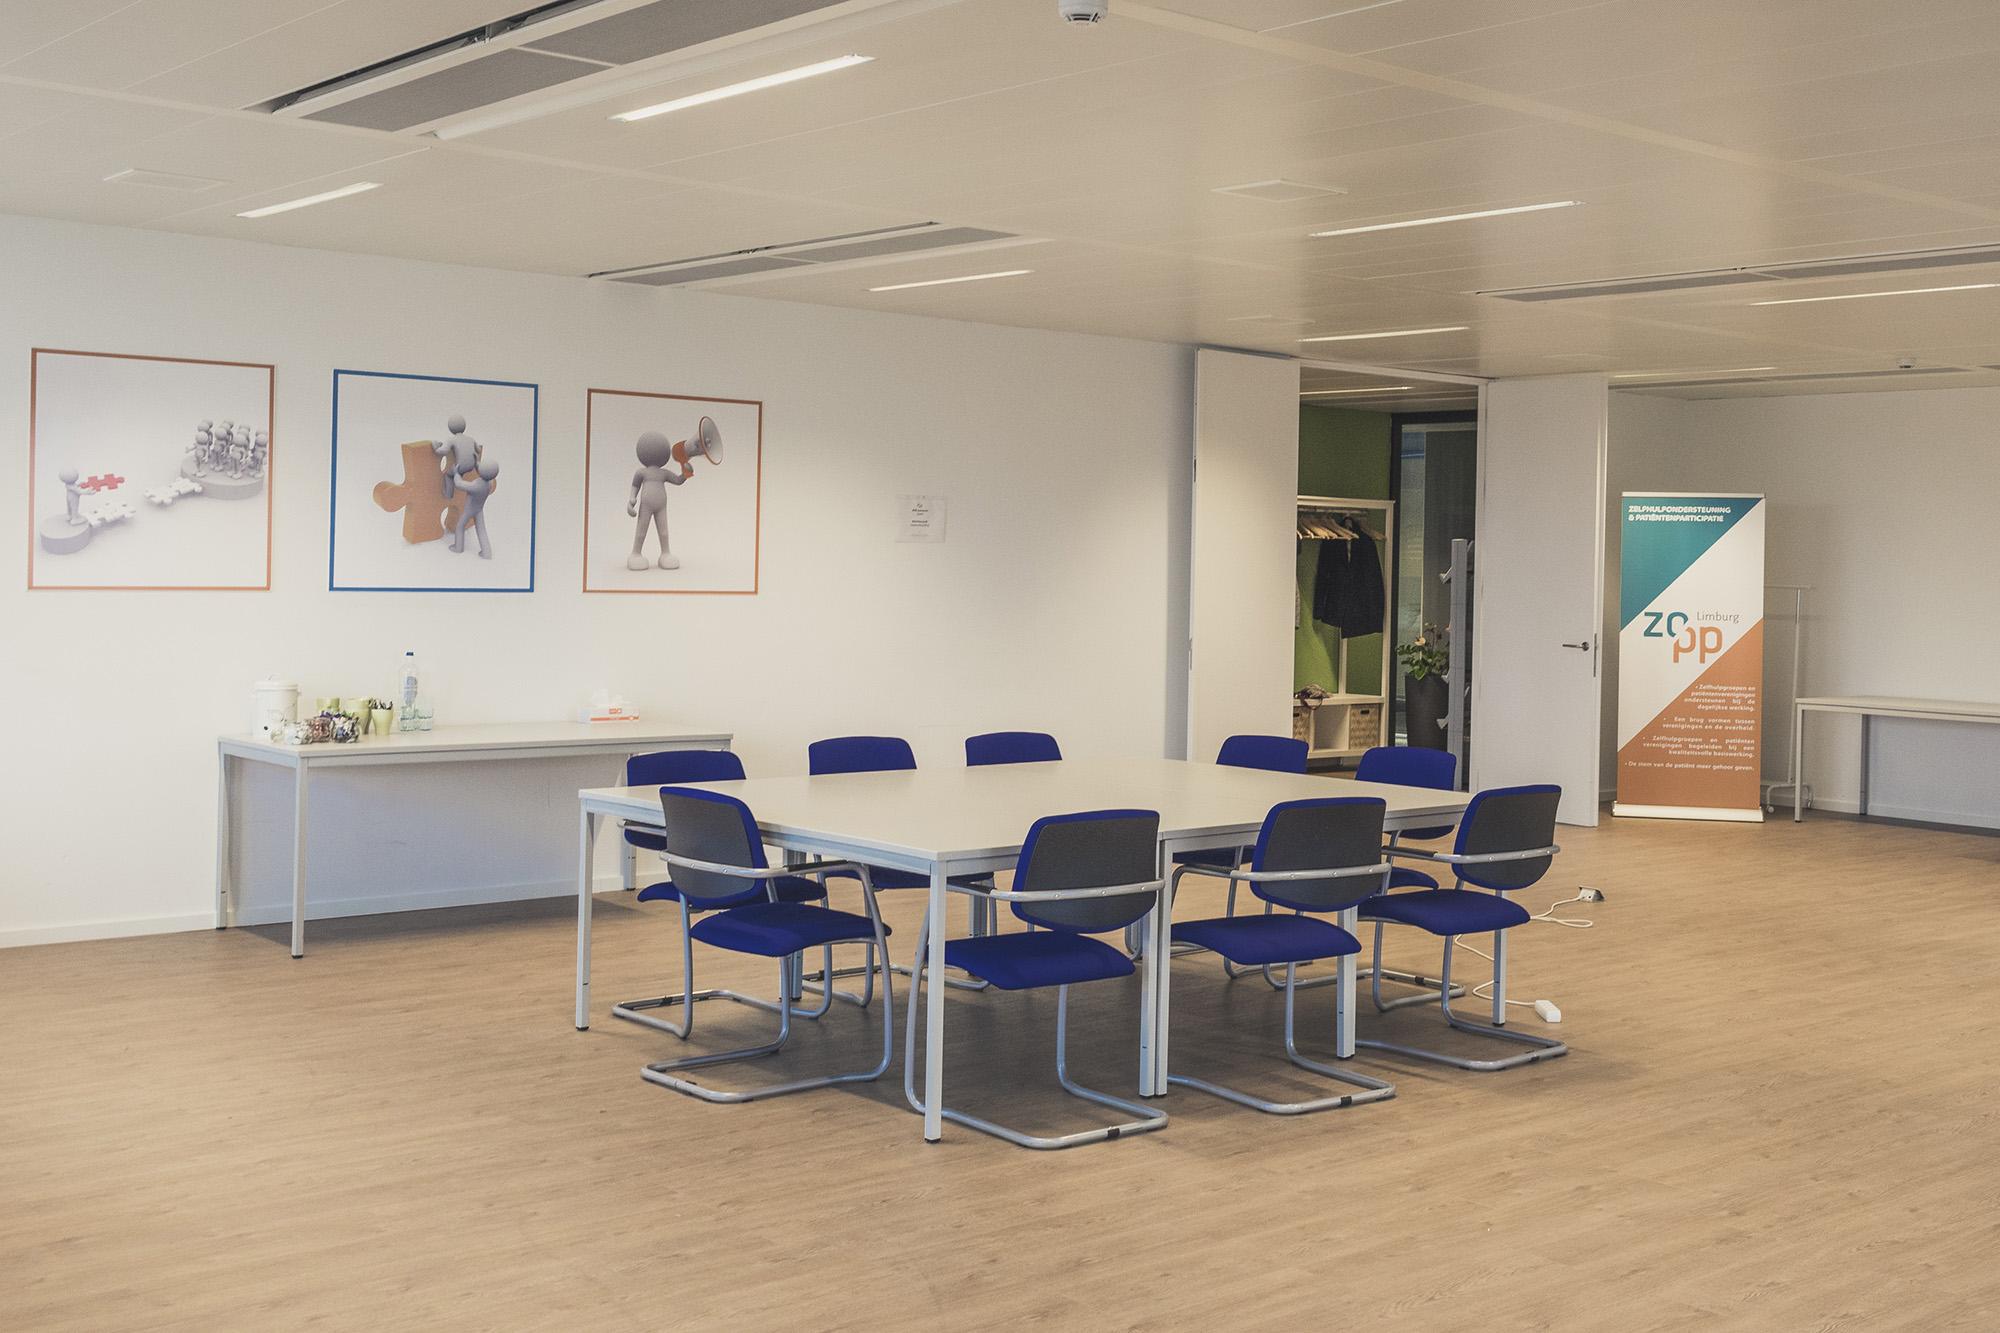 vergaderzaal, gratis locatie, vergadering, ZOPP